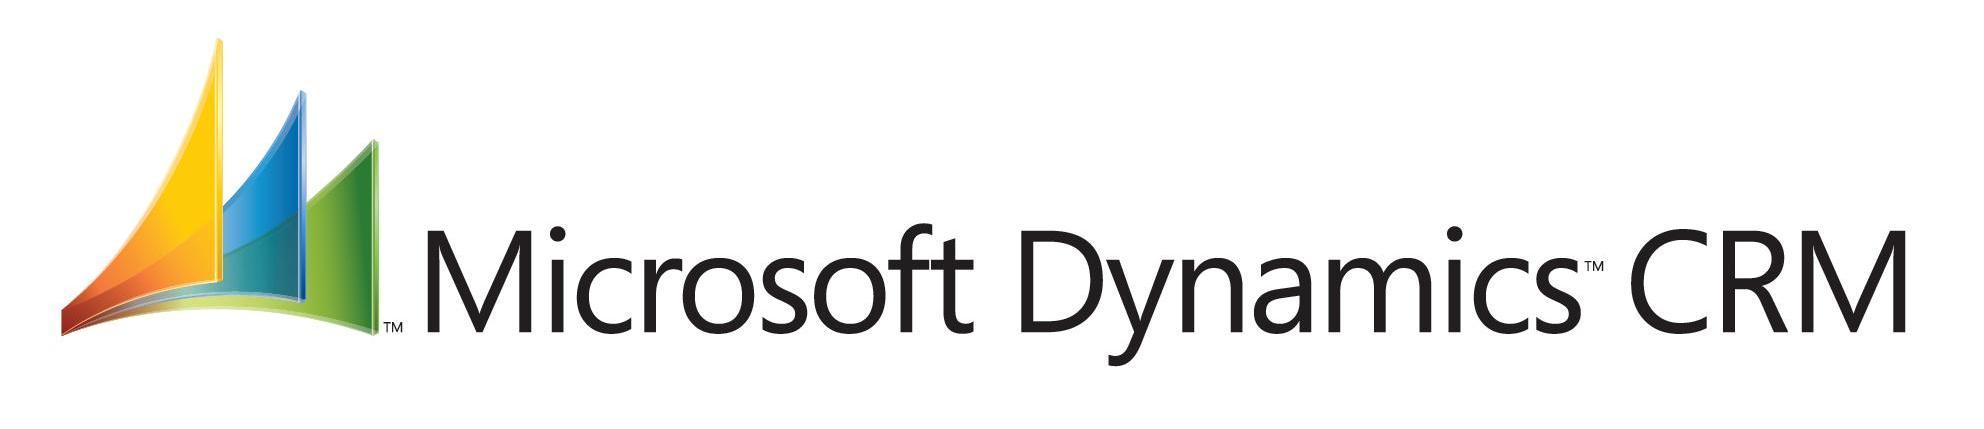 Ms Dynam CRM logo